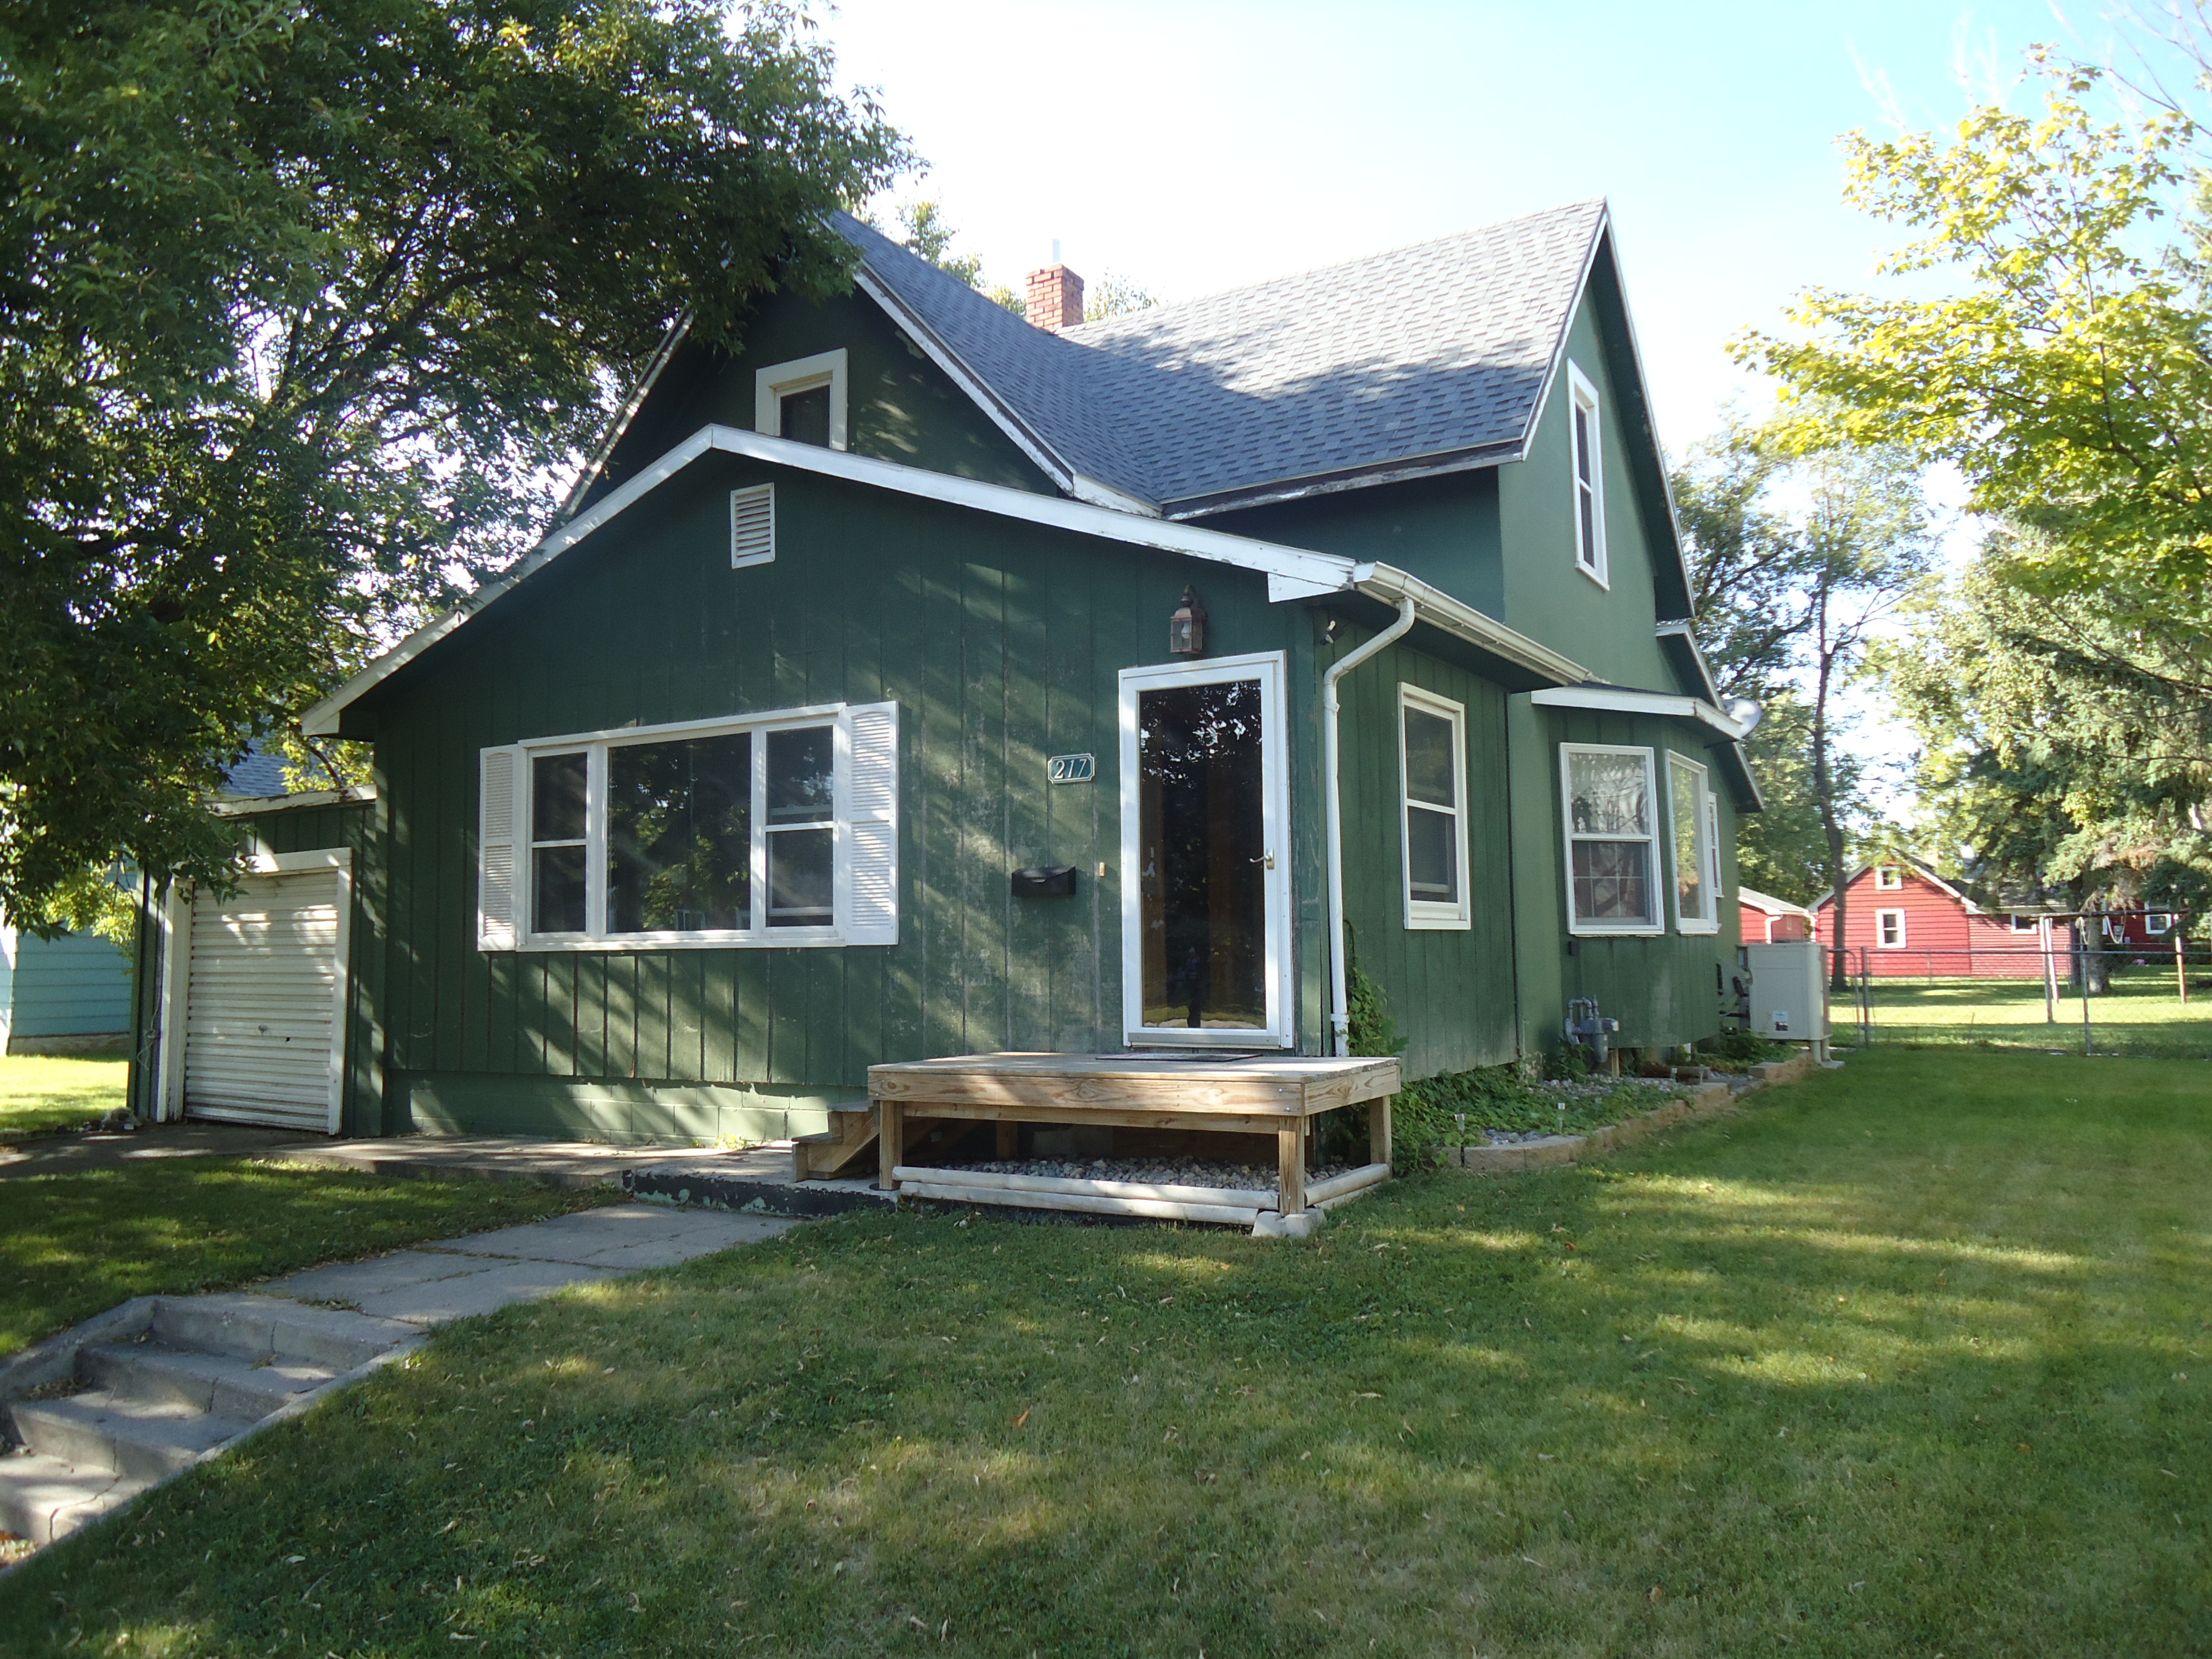 217 1st Ave. N., Crookston, Minnesota 56716